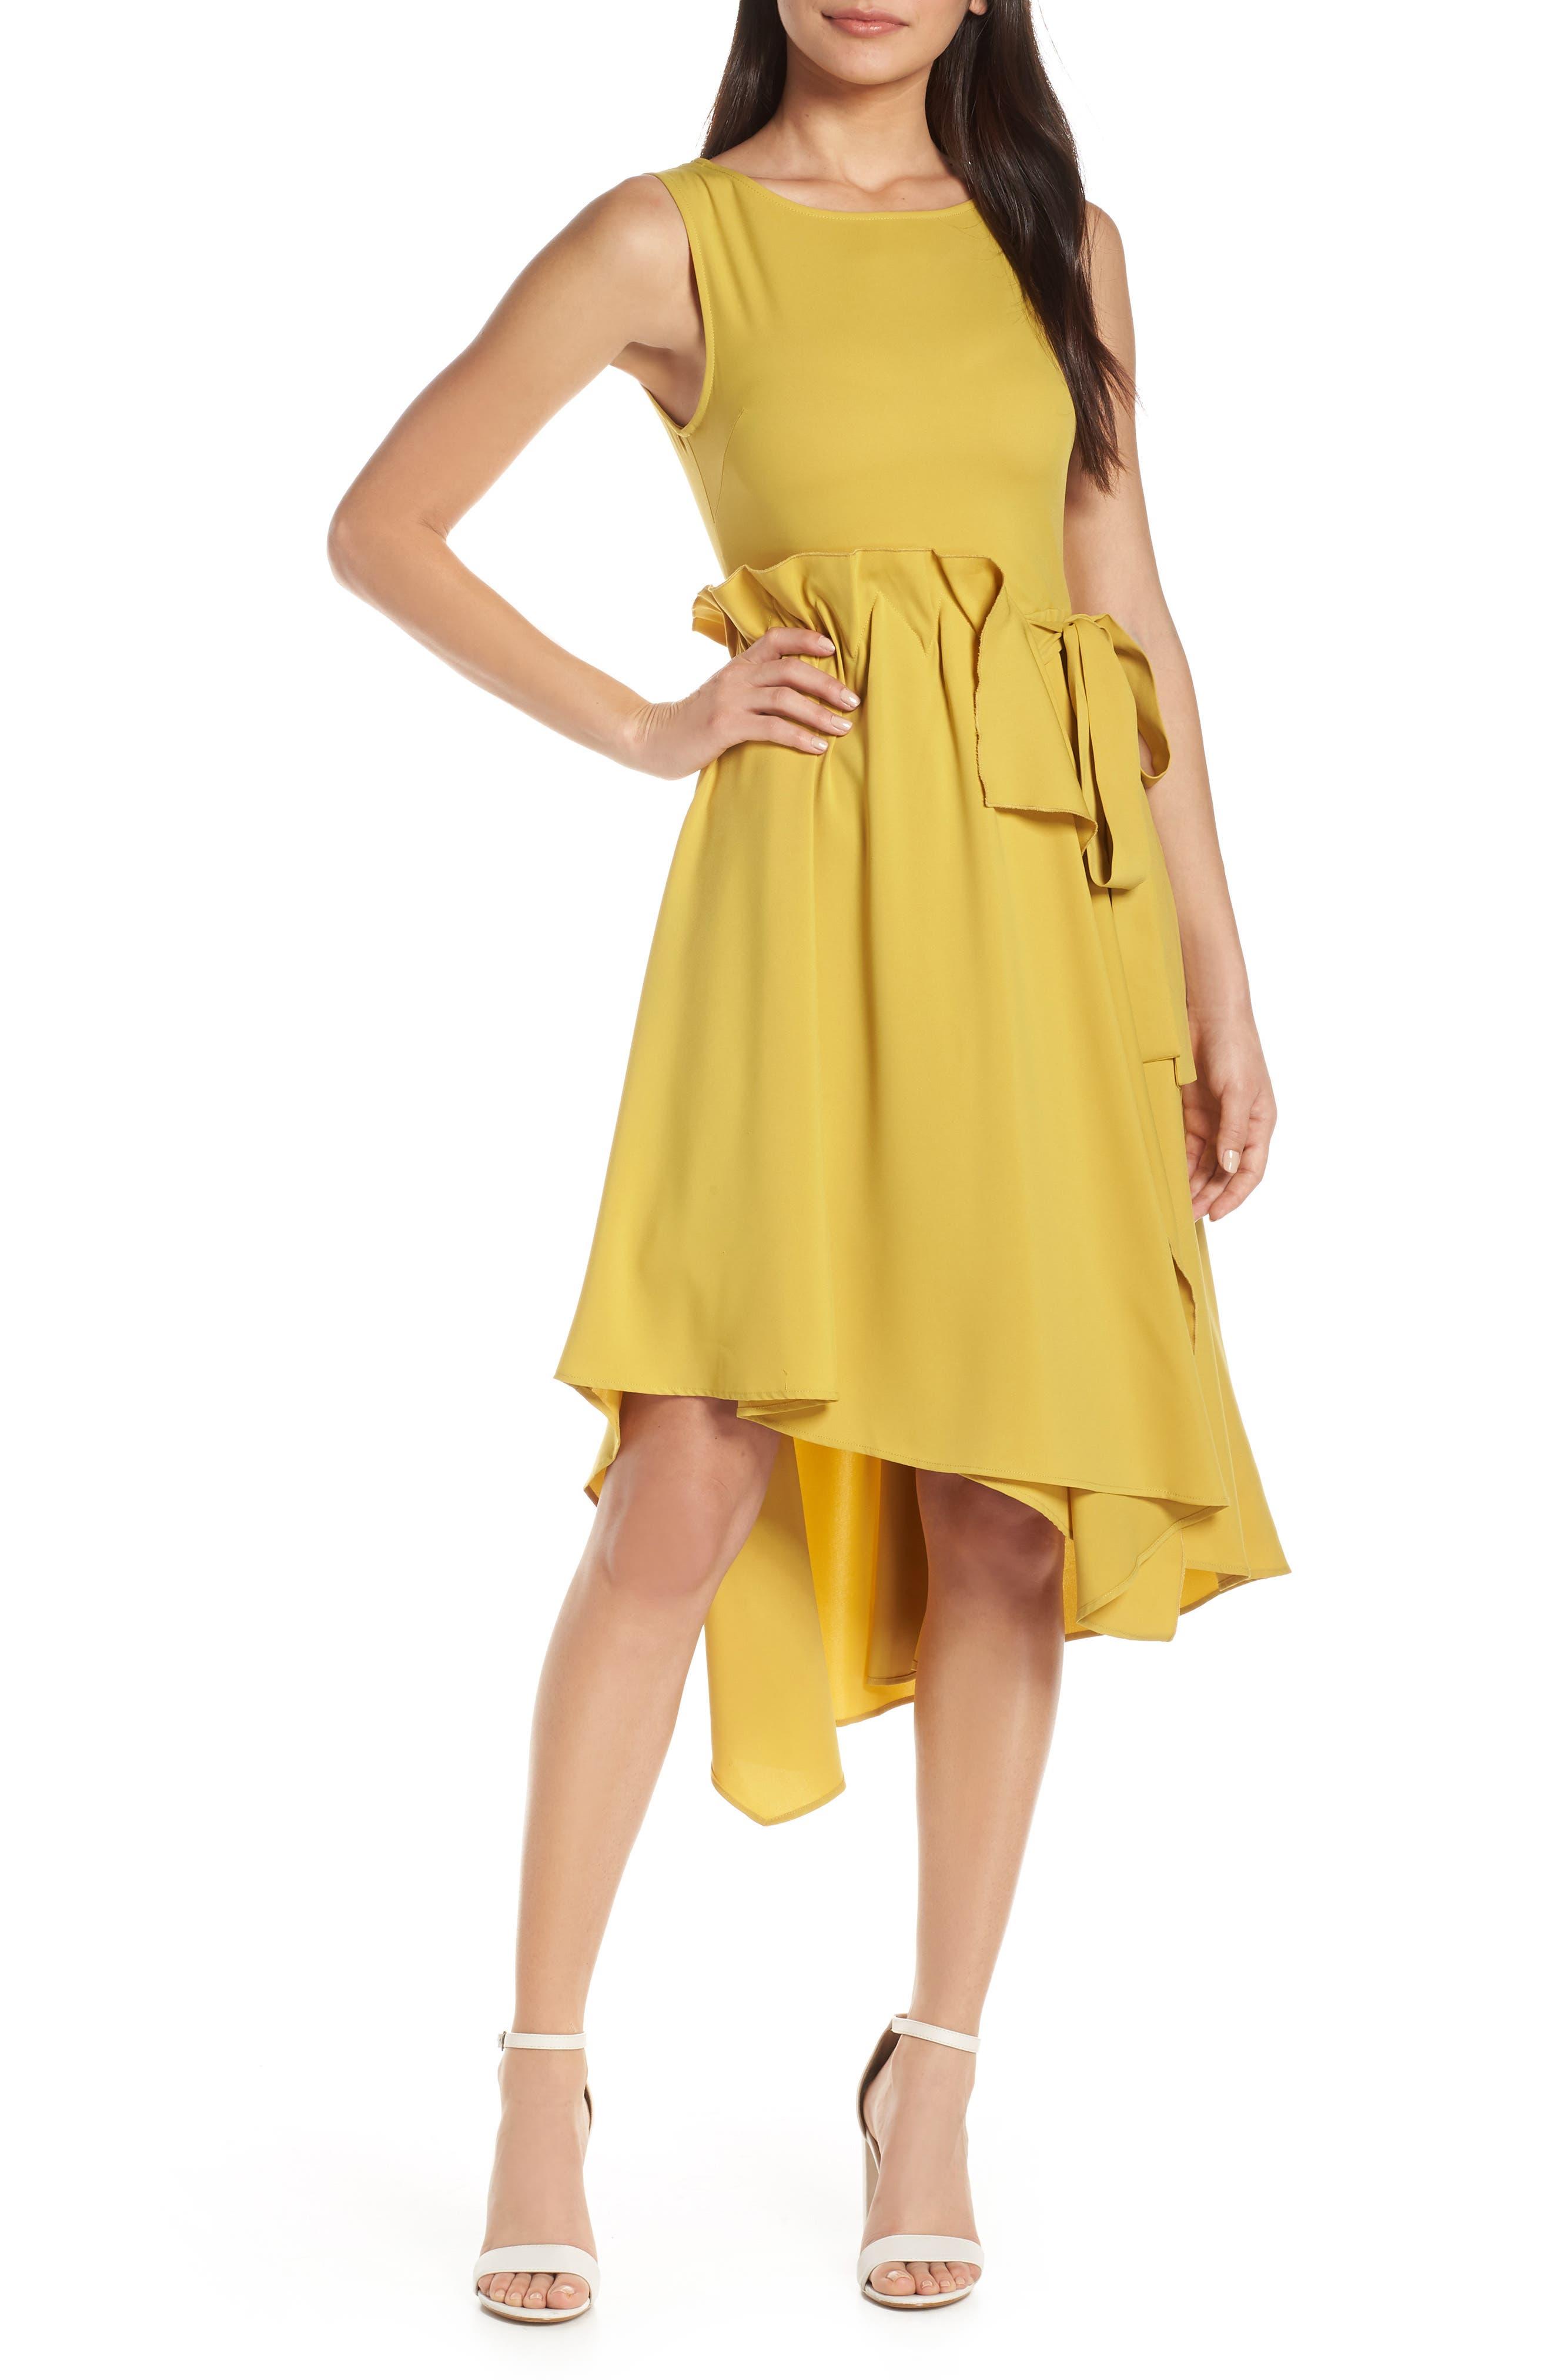 3e28ad7716 Caara Asymmetrical High low Dress